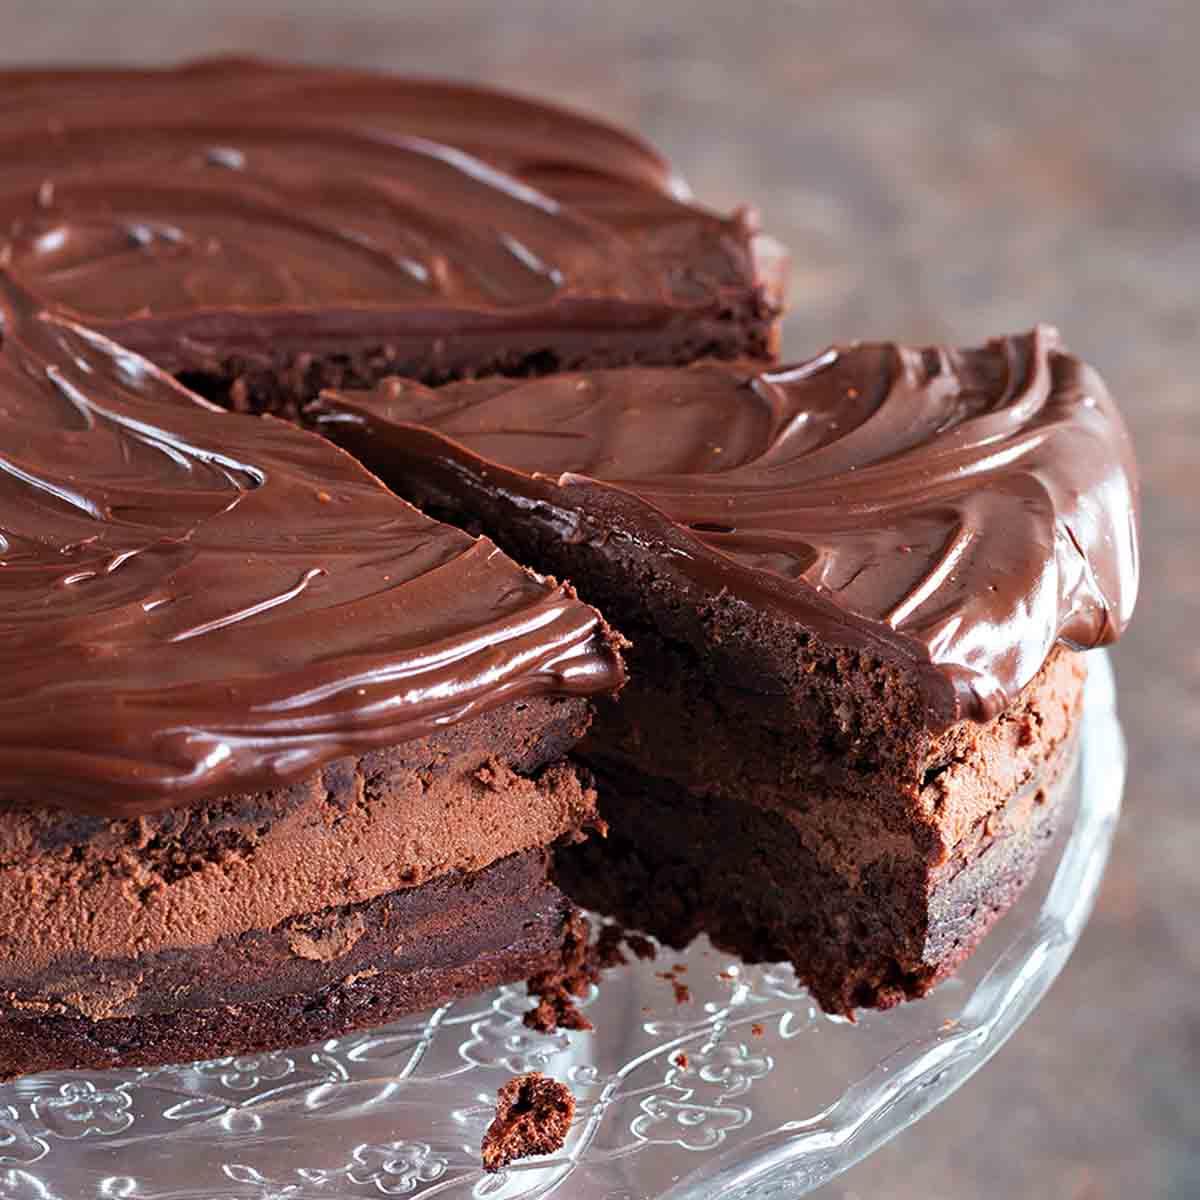 Cobertura Fracionada chocolate  Blend Gotas 2,1kg Top Harald